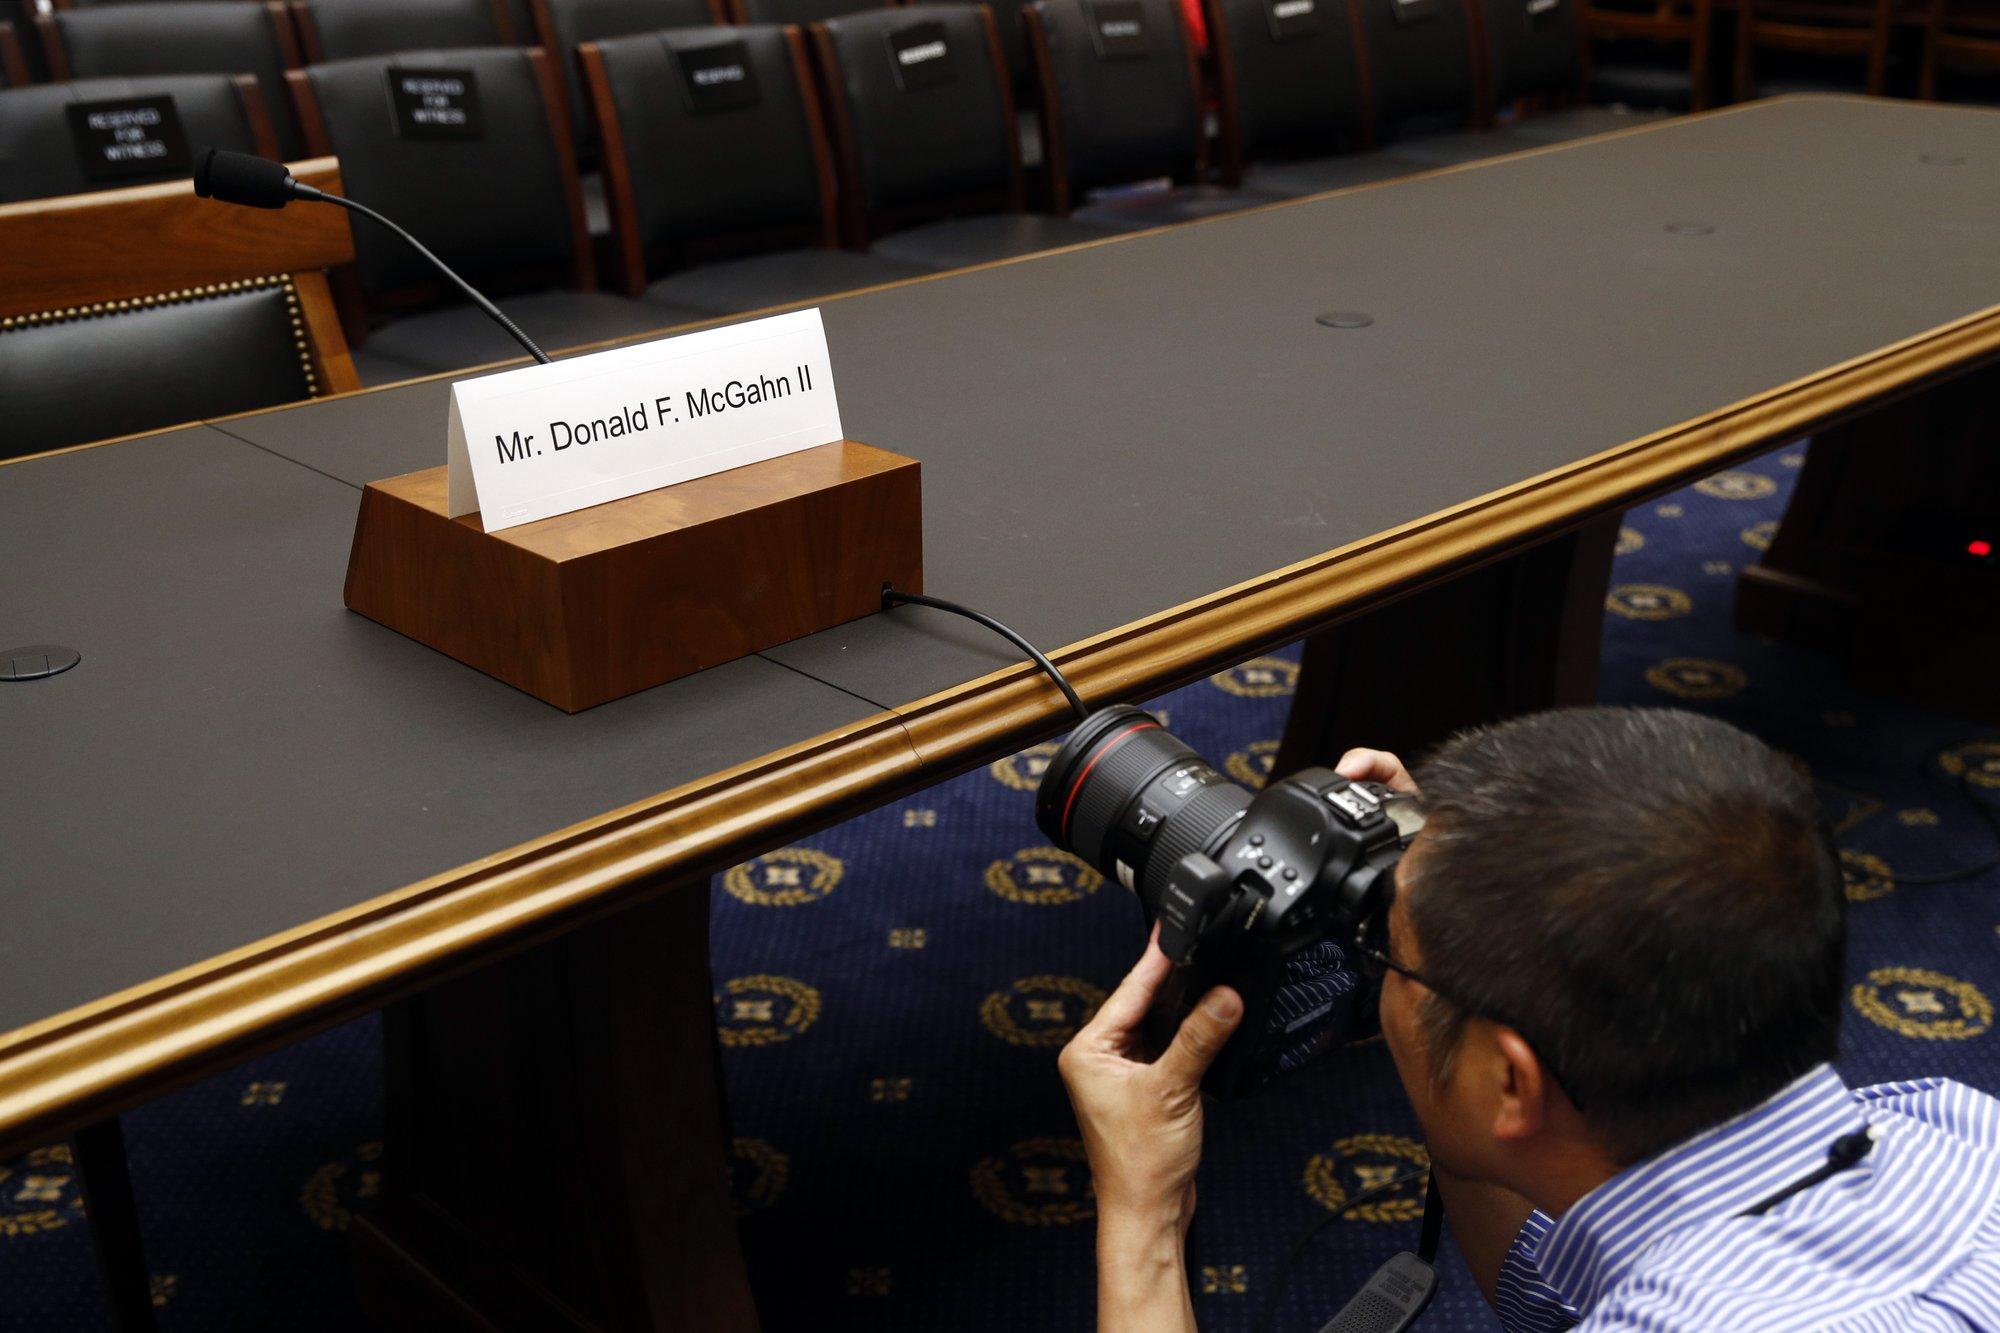 McGahn defies subpoena for testimony, faces contempt vote